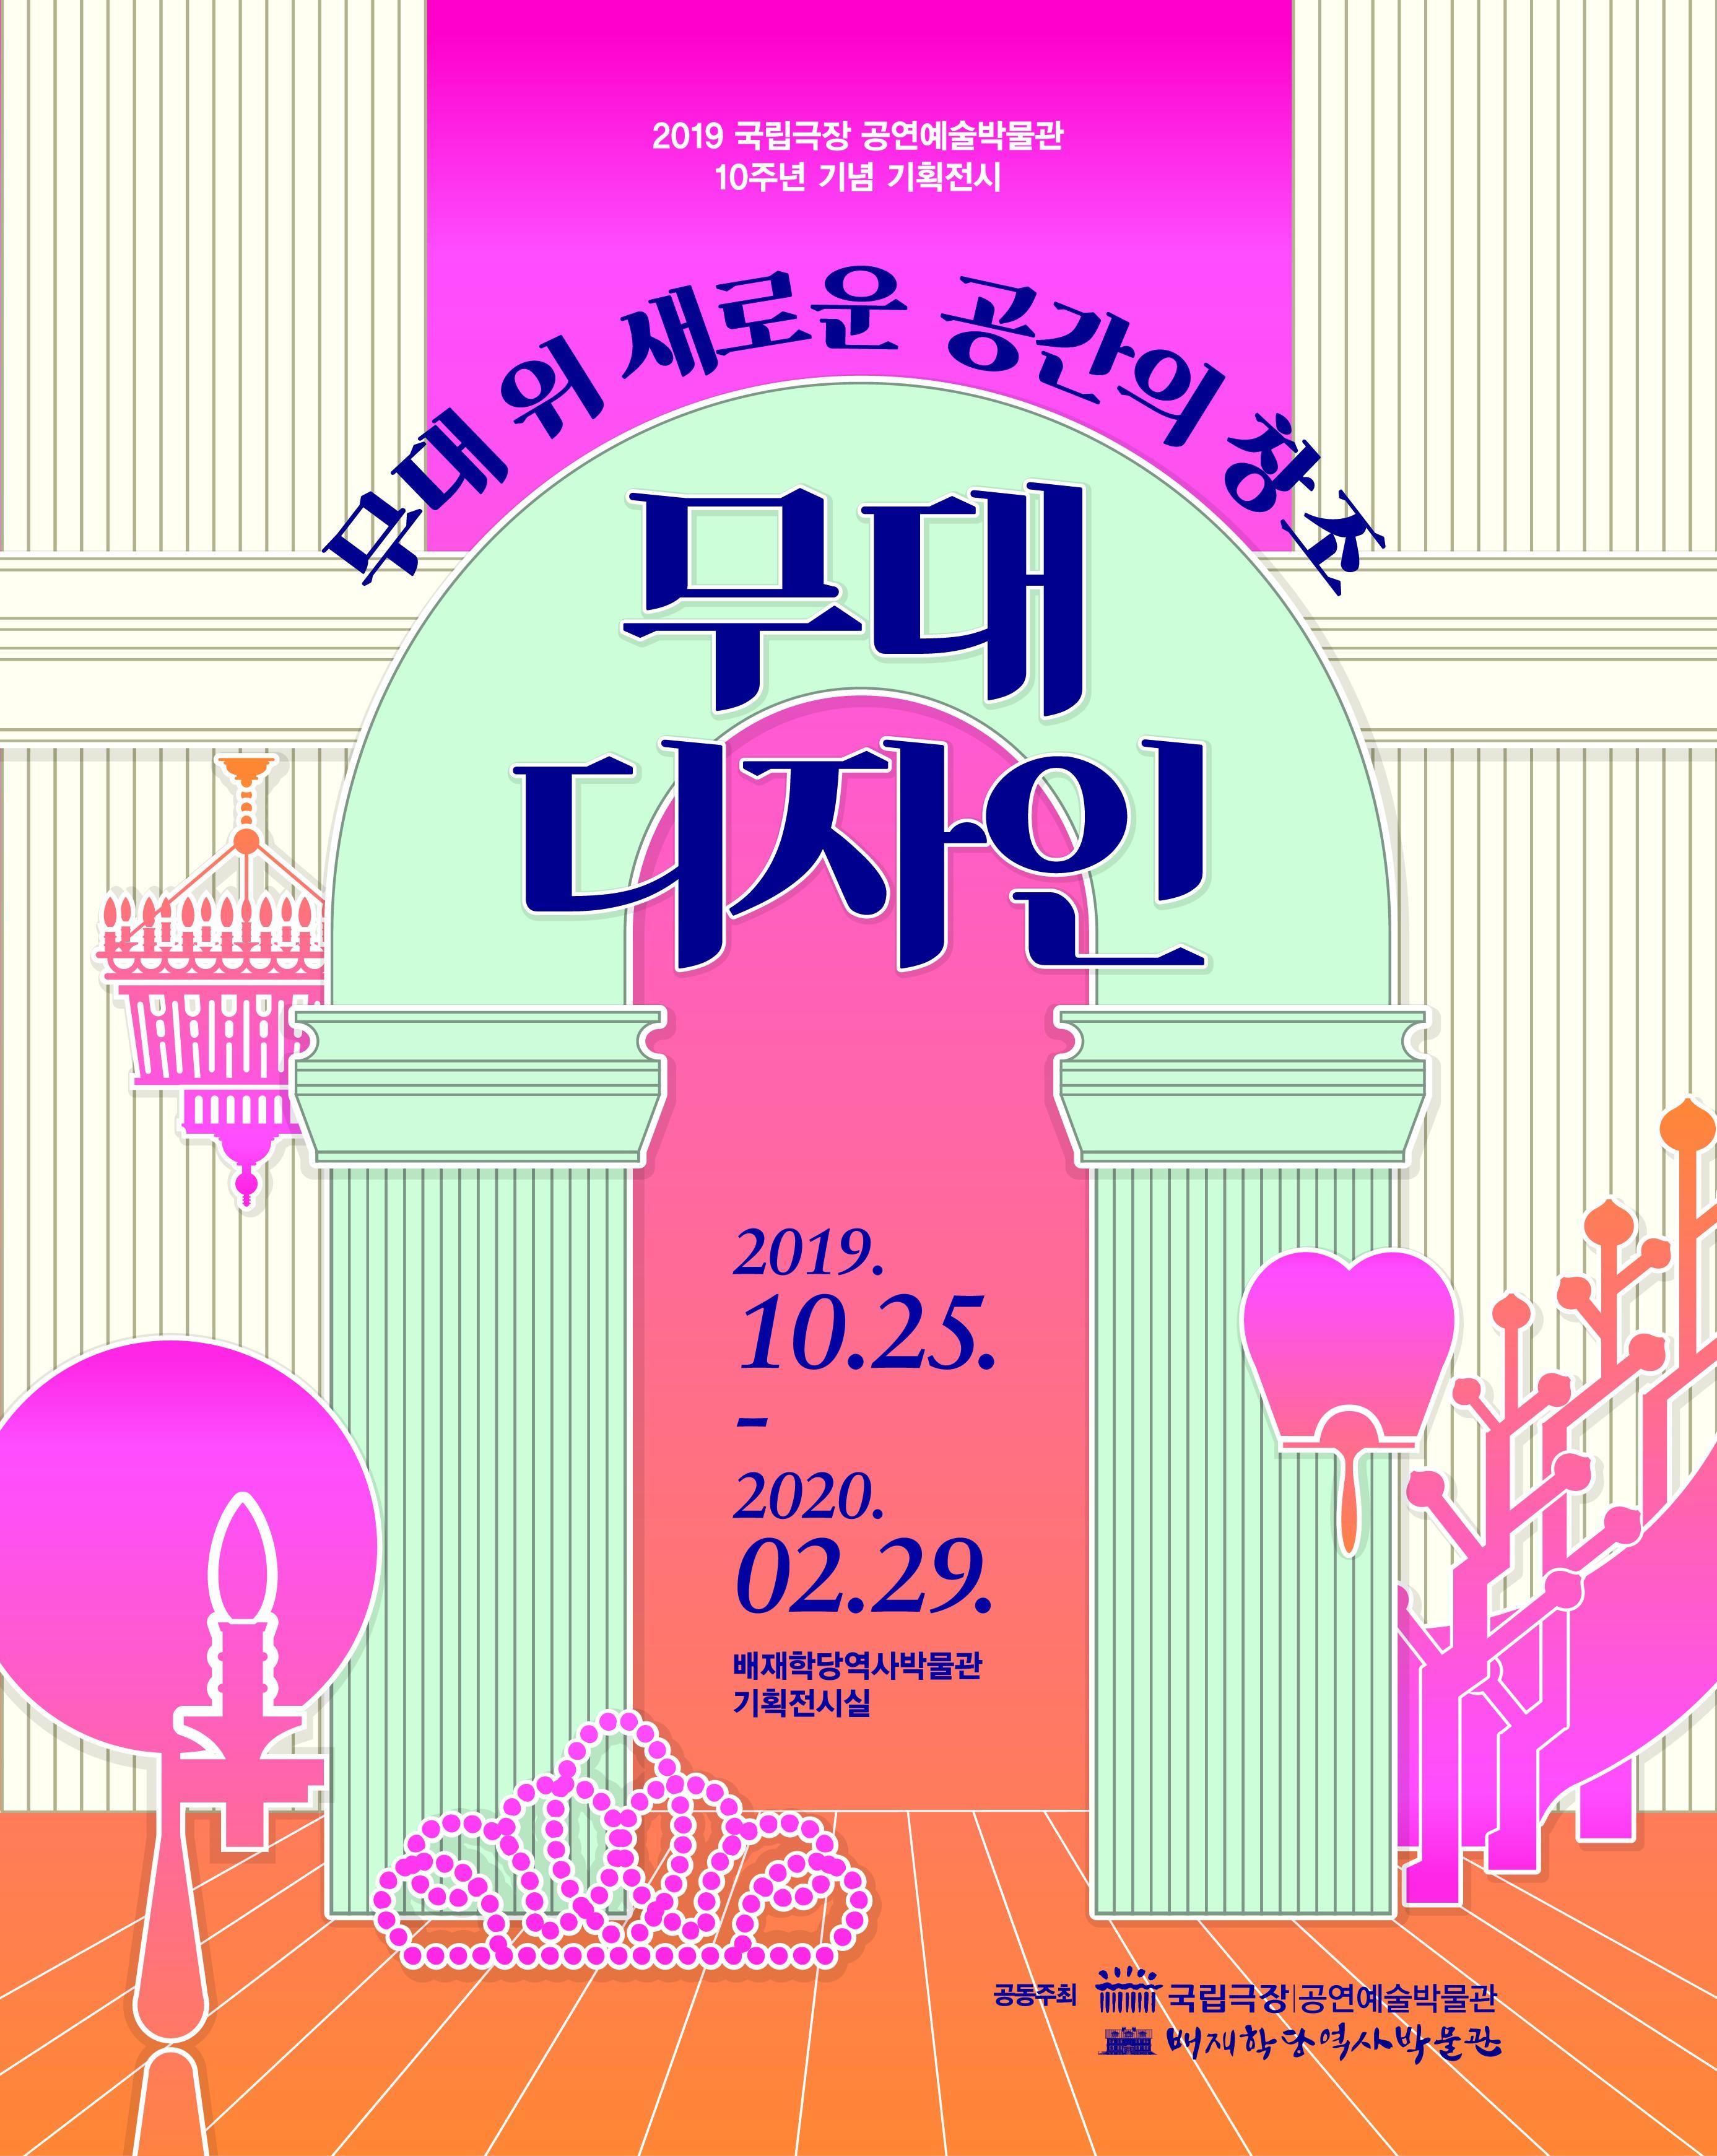 국립극장 공연예술박물관 10주년 기념전 개최